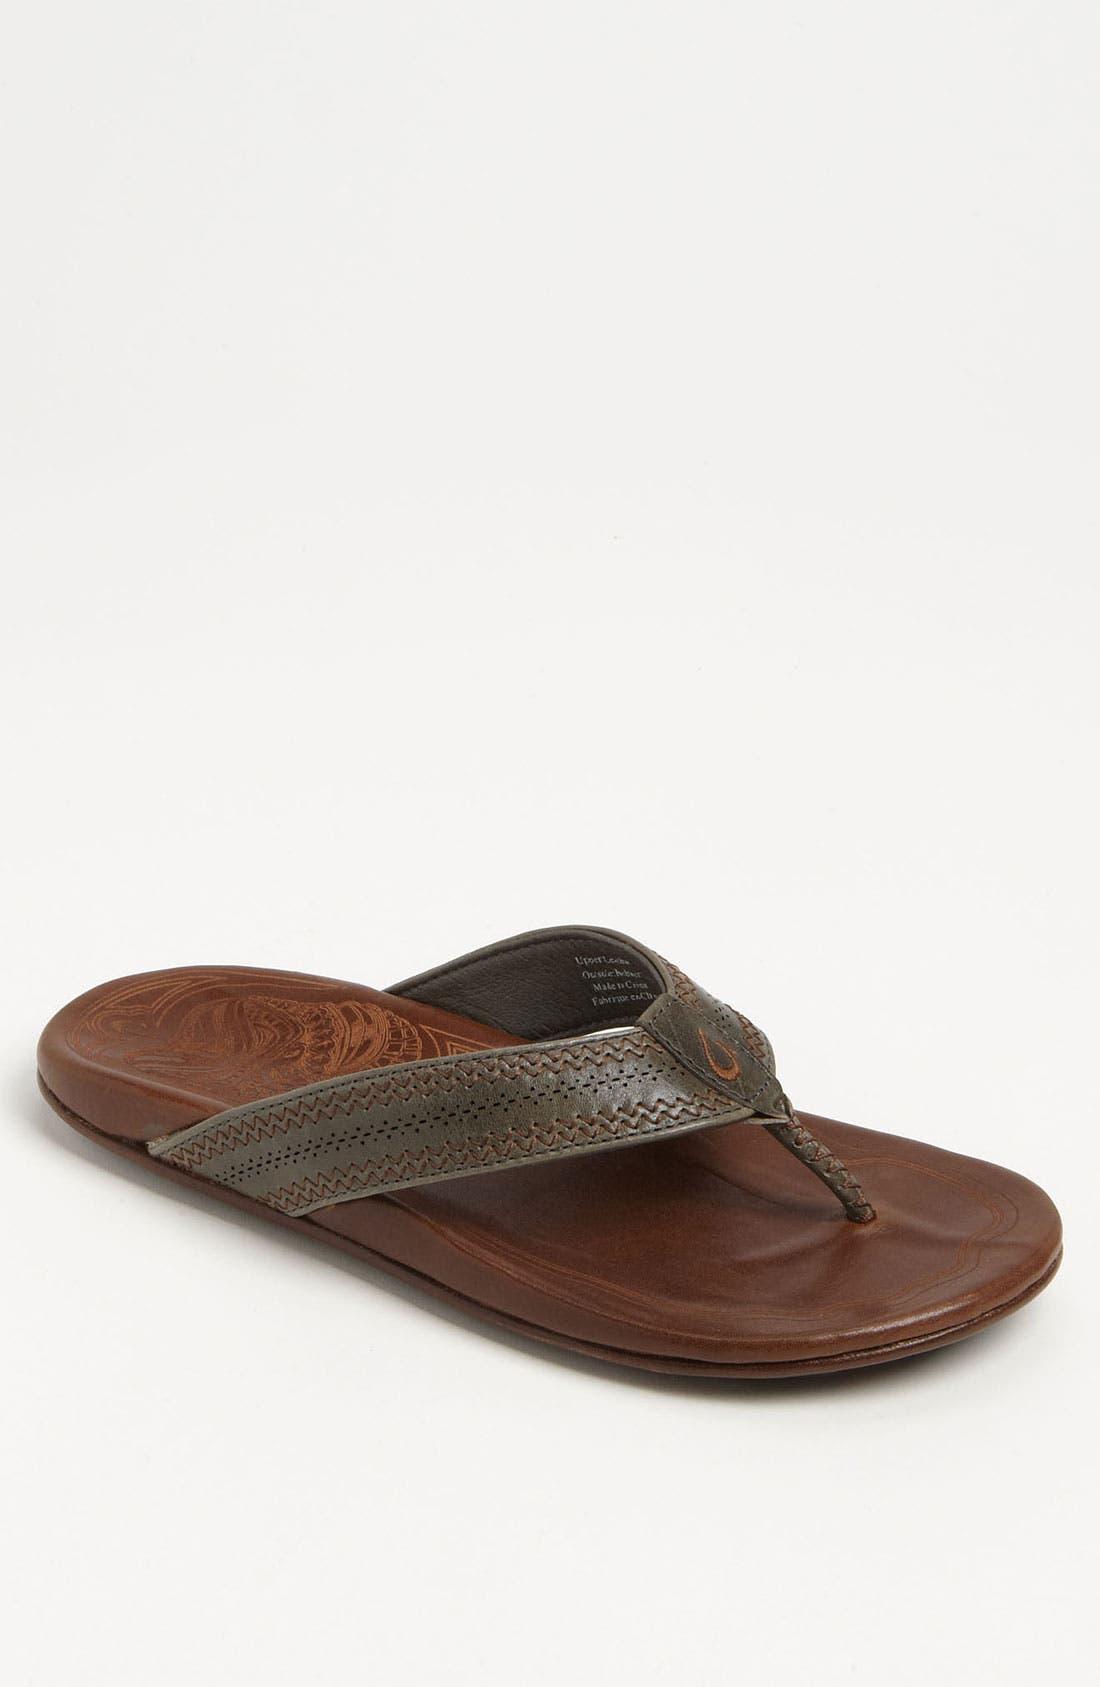 Main Image - OluKai 'Pookela' Flip Flop (Men)